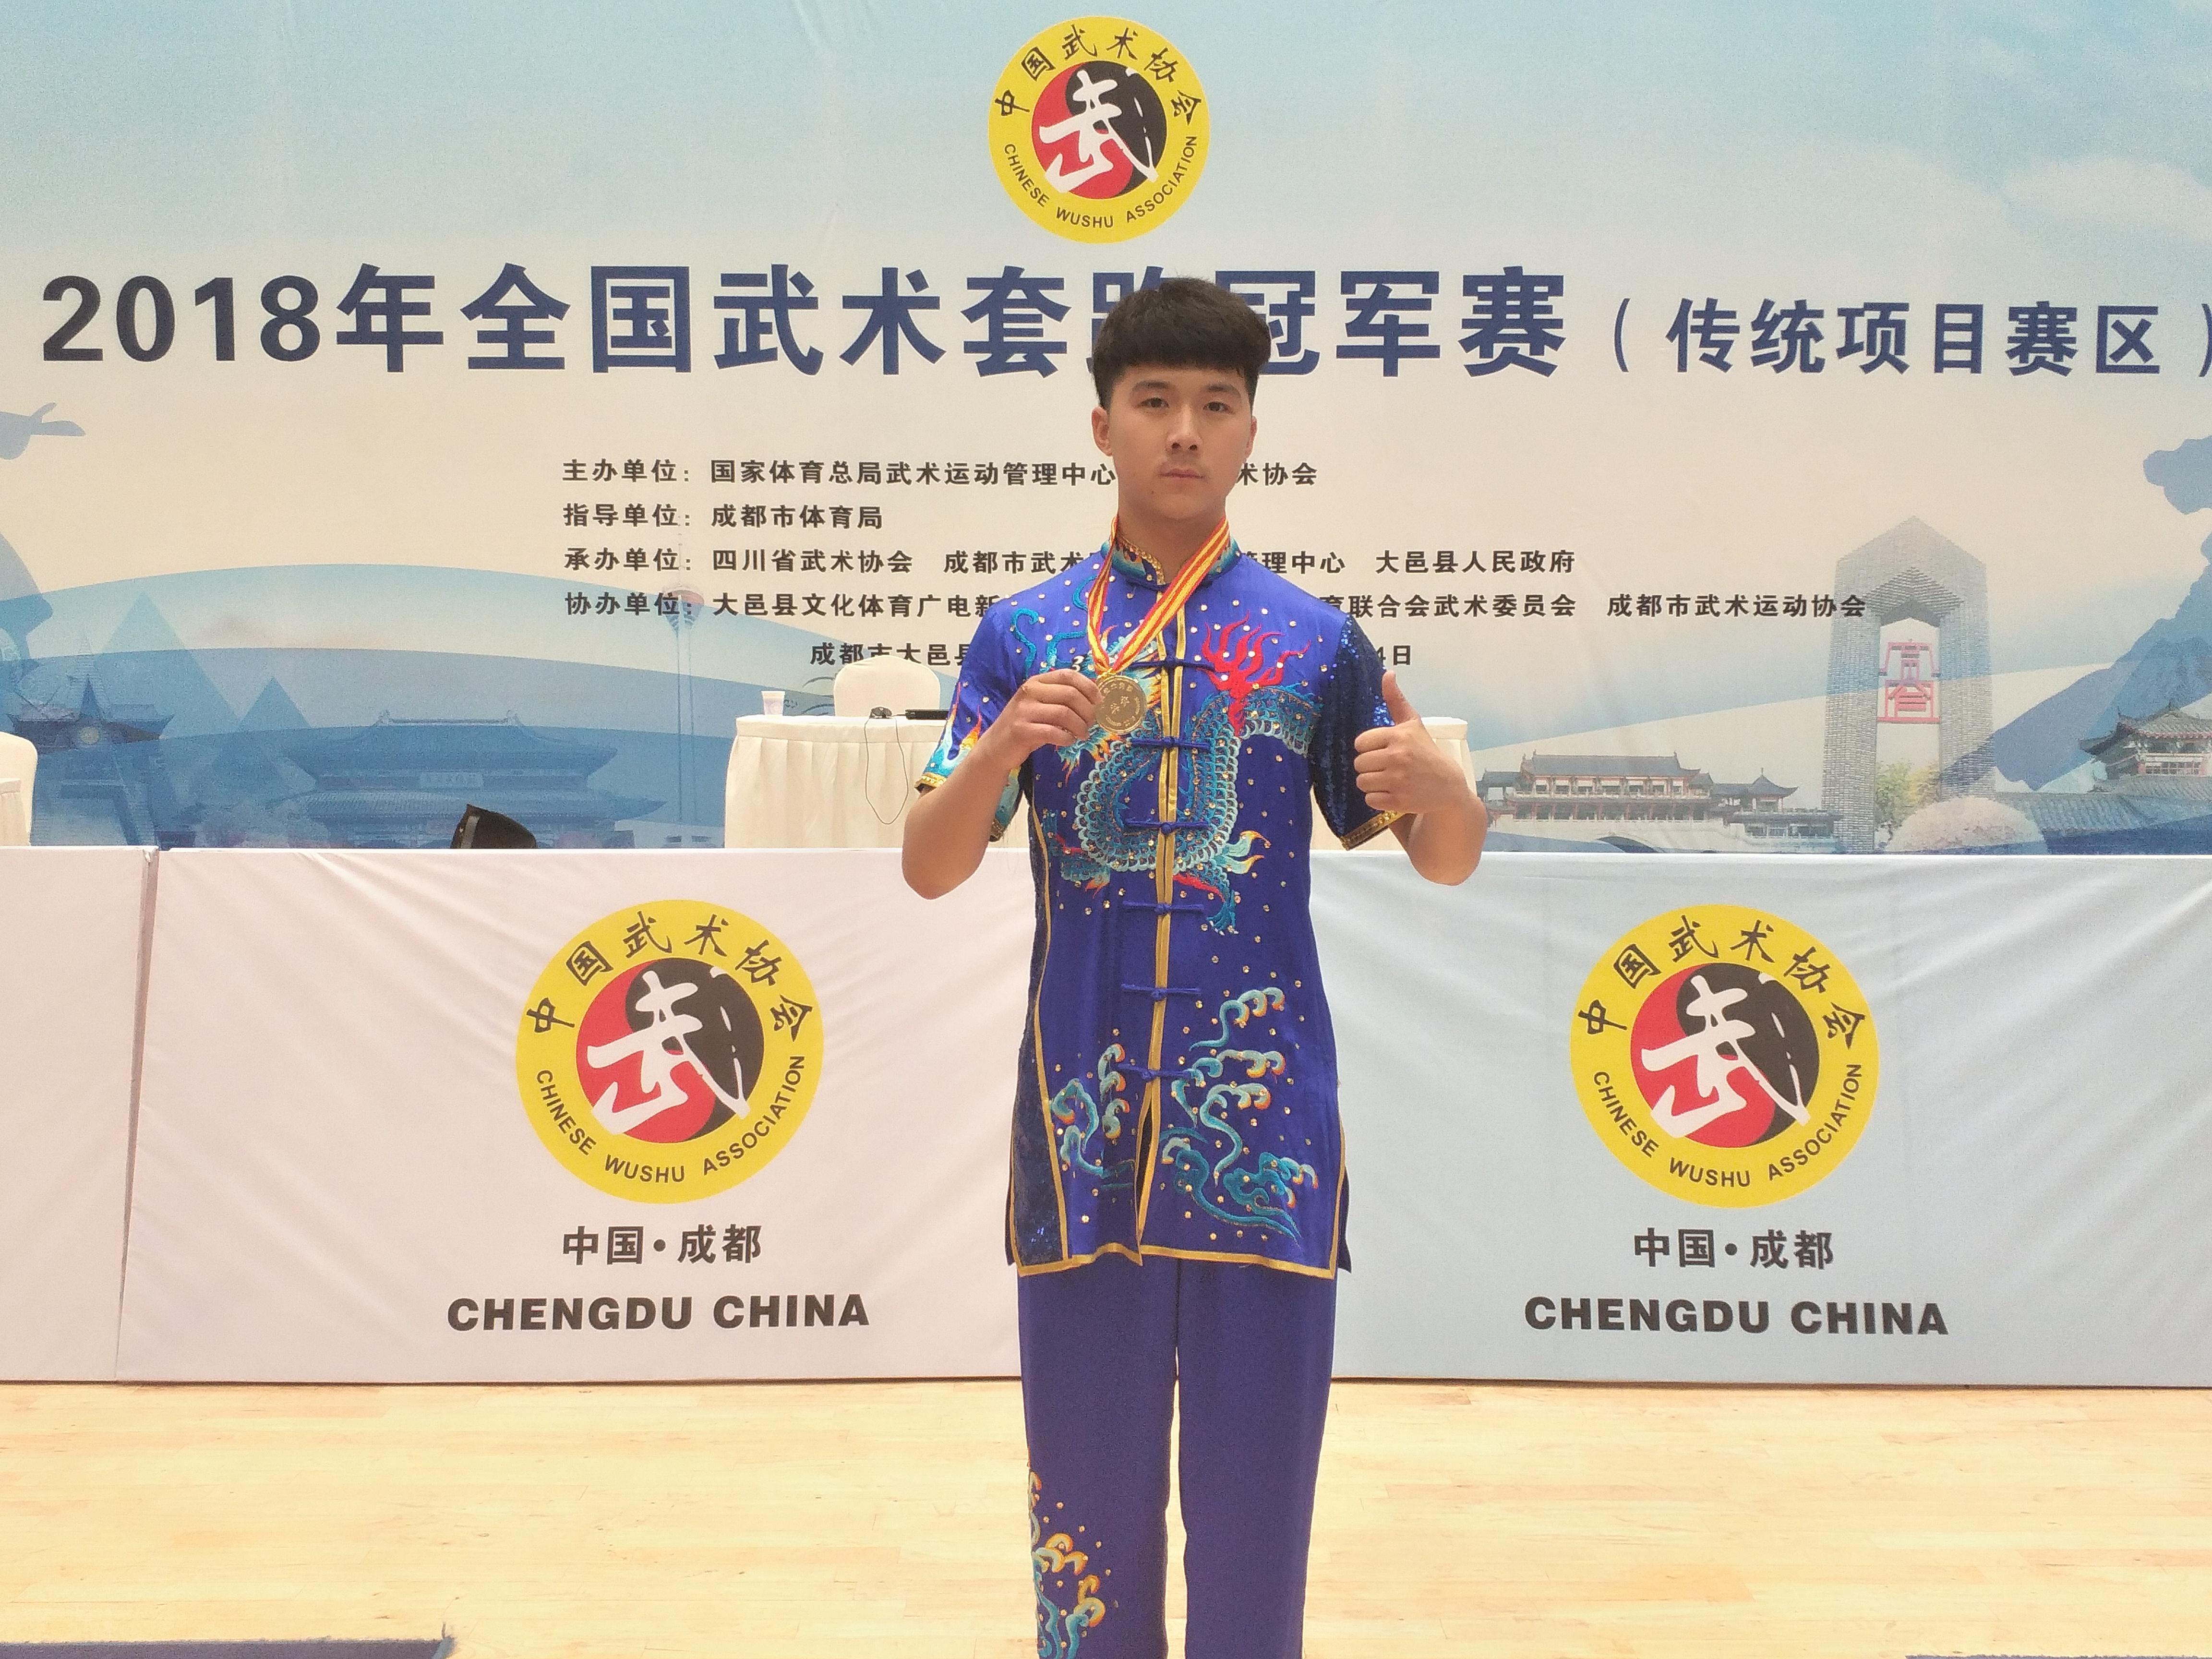 陶铁龙获得男子少林拳第一名